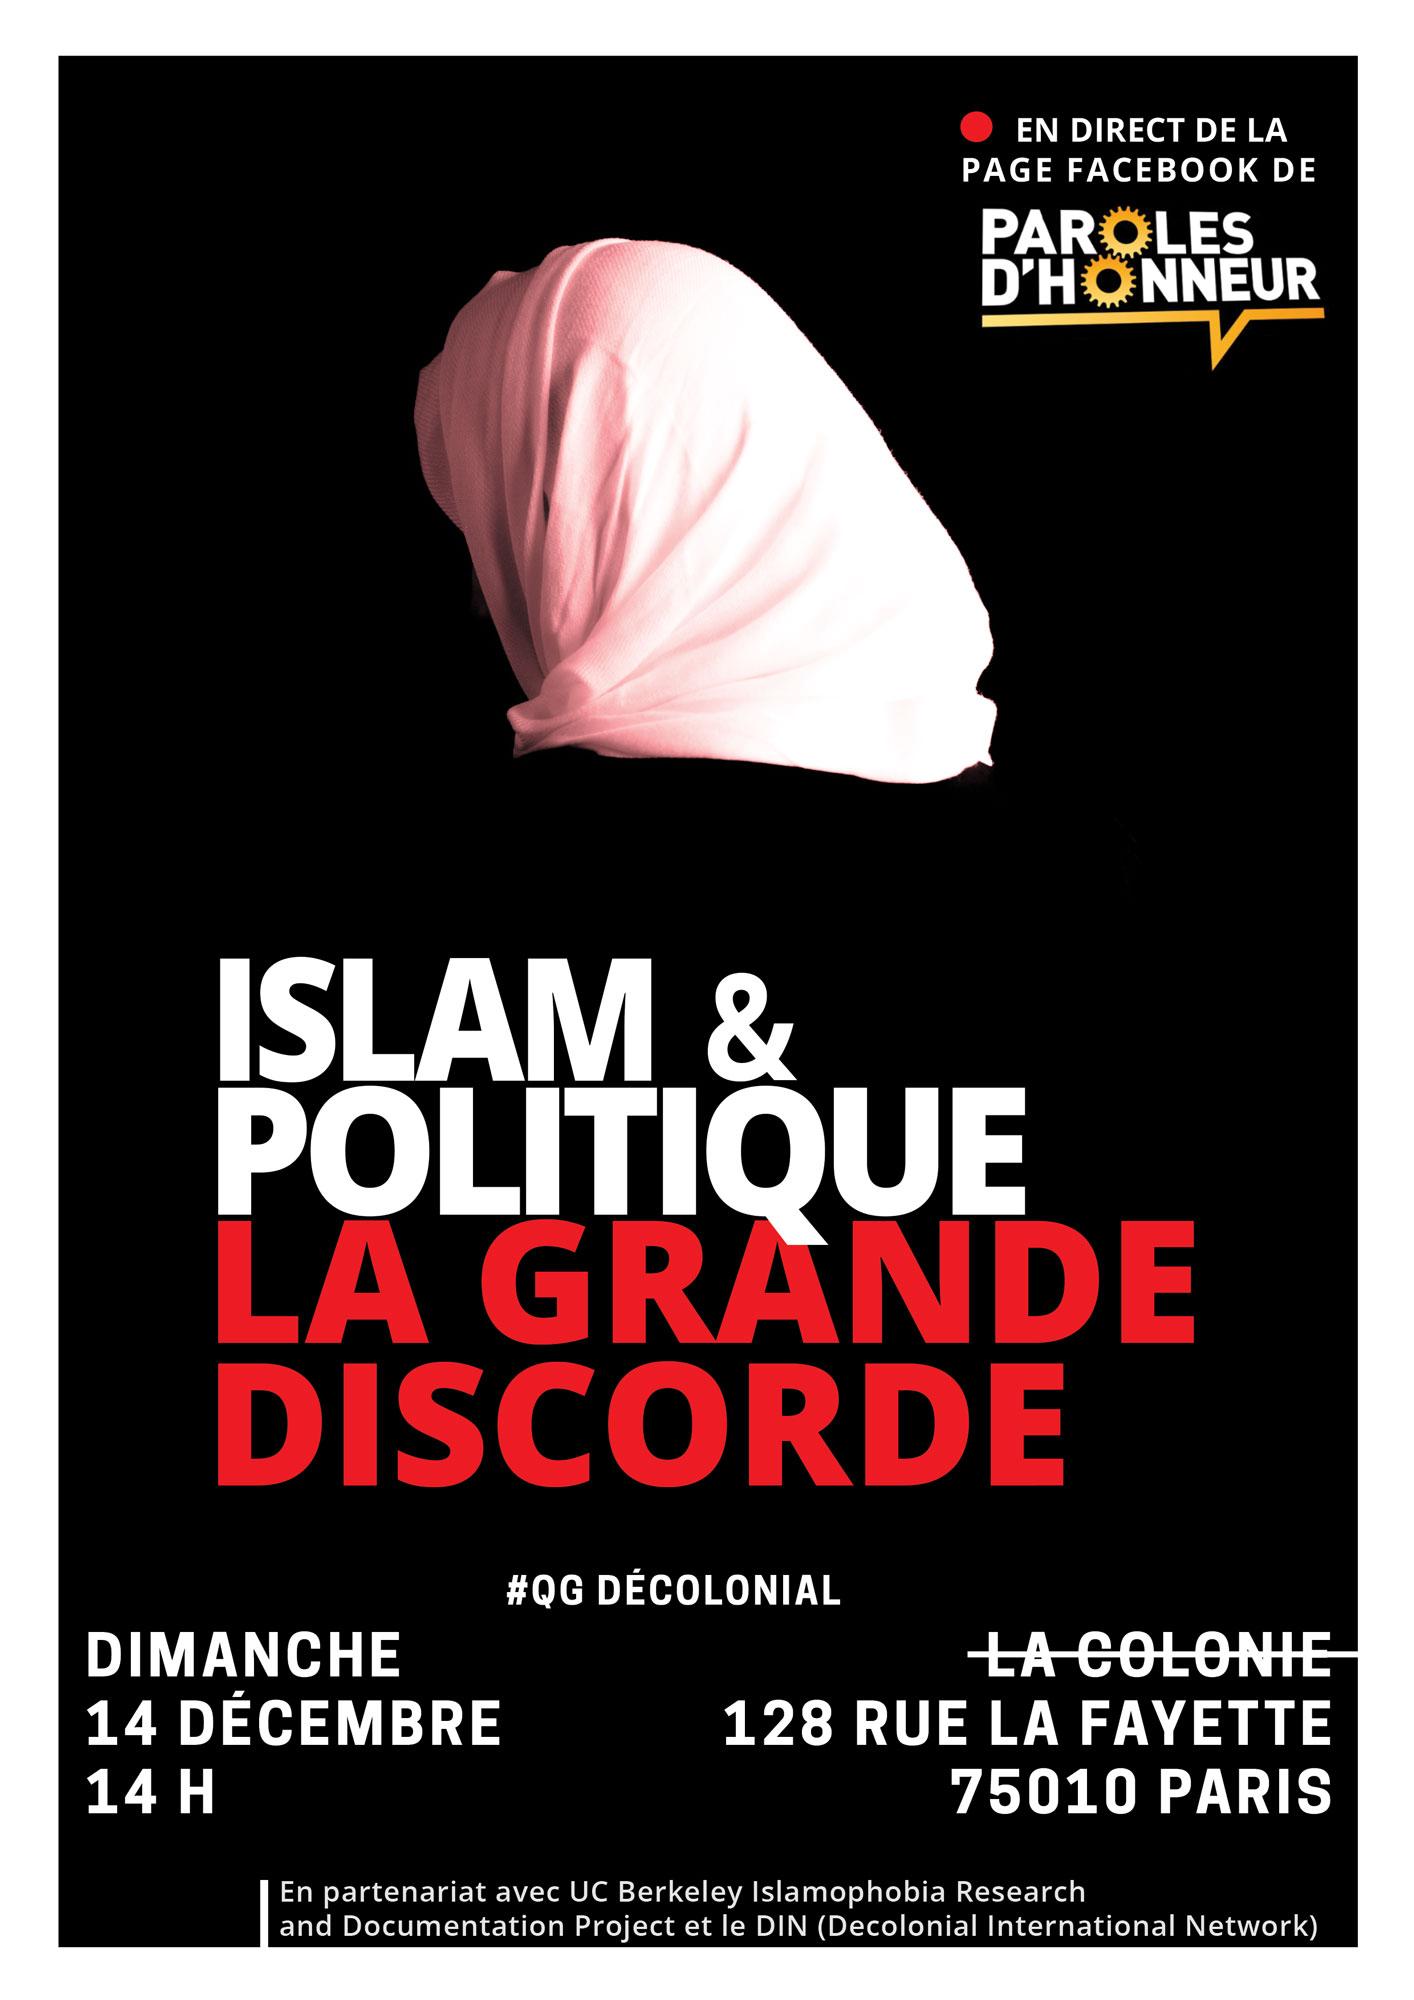 Islamophobie : le blabla inoffensif des Indigènes de la République